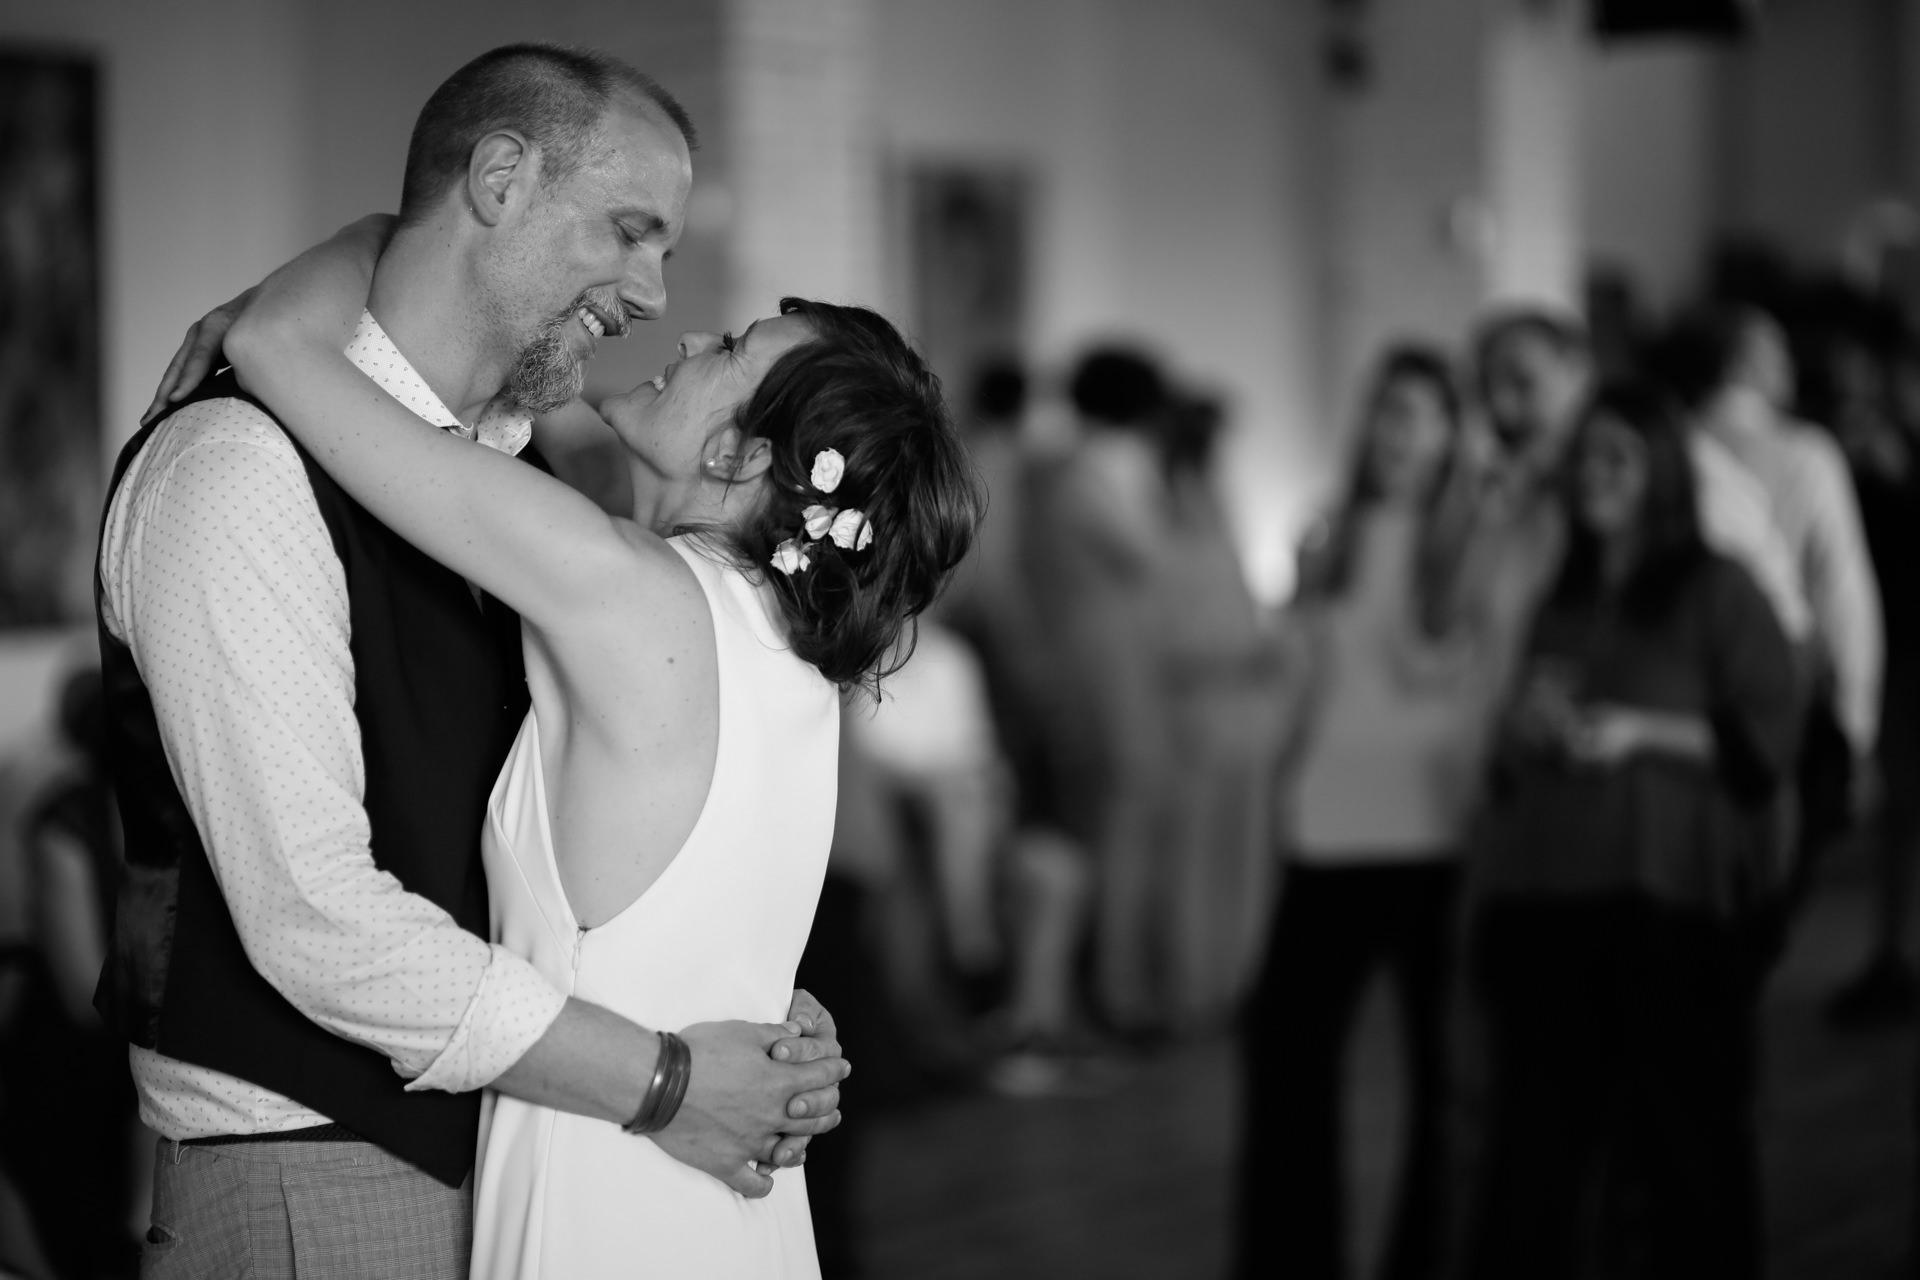 ernesto-de-angelis-fotografo-matrimoni-0046.jpg